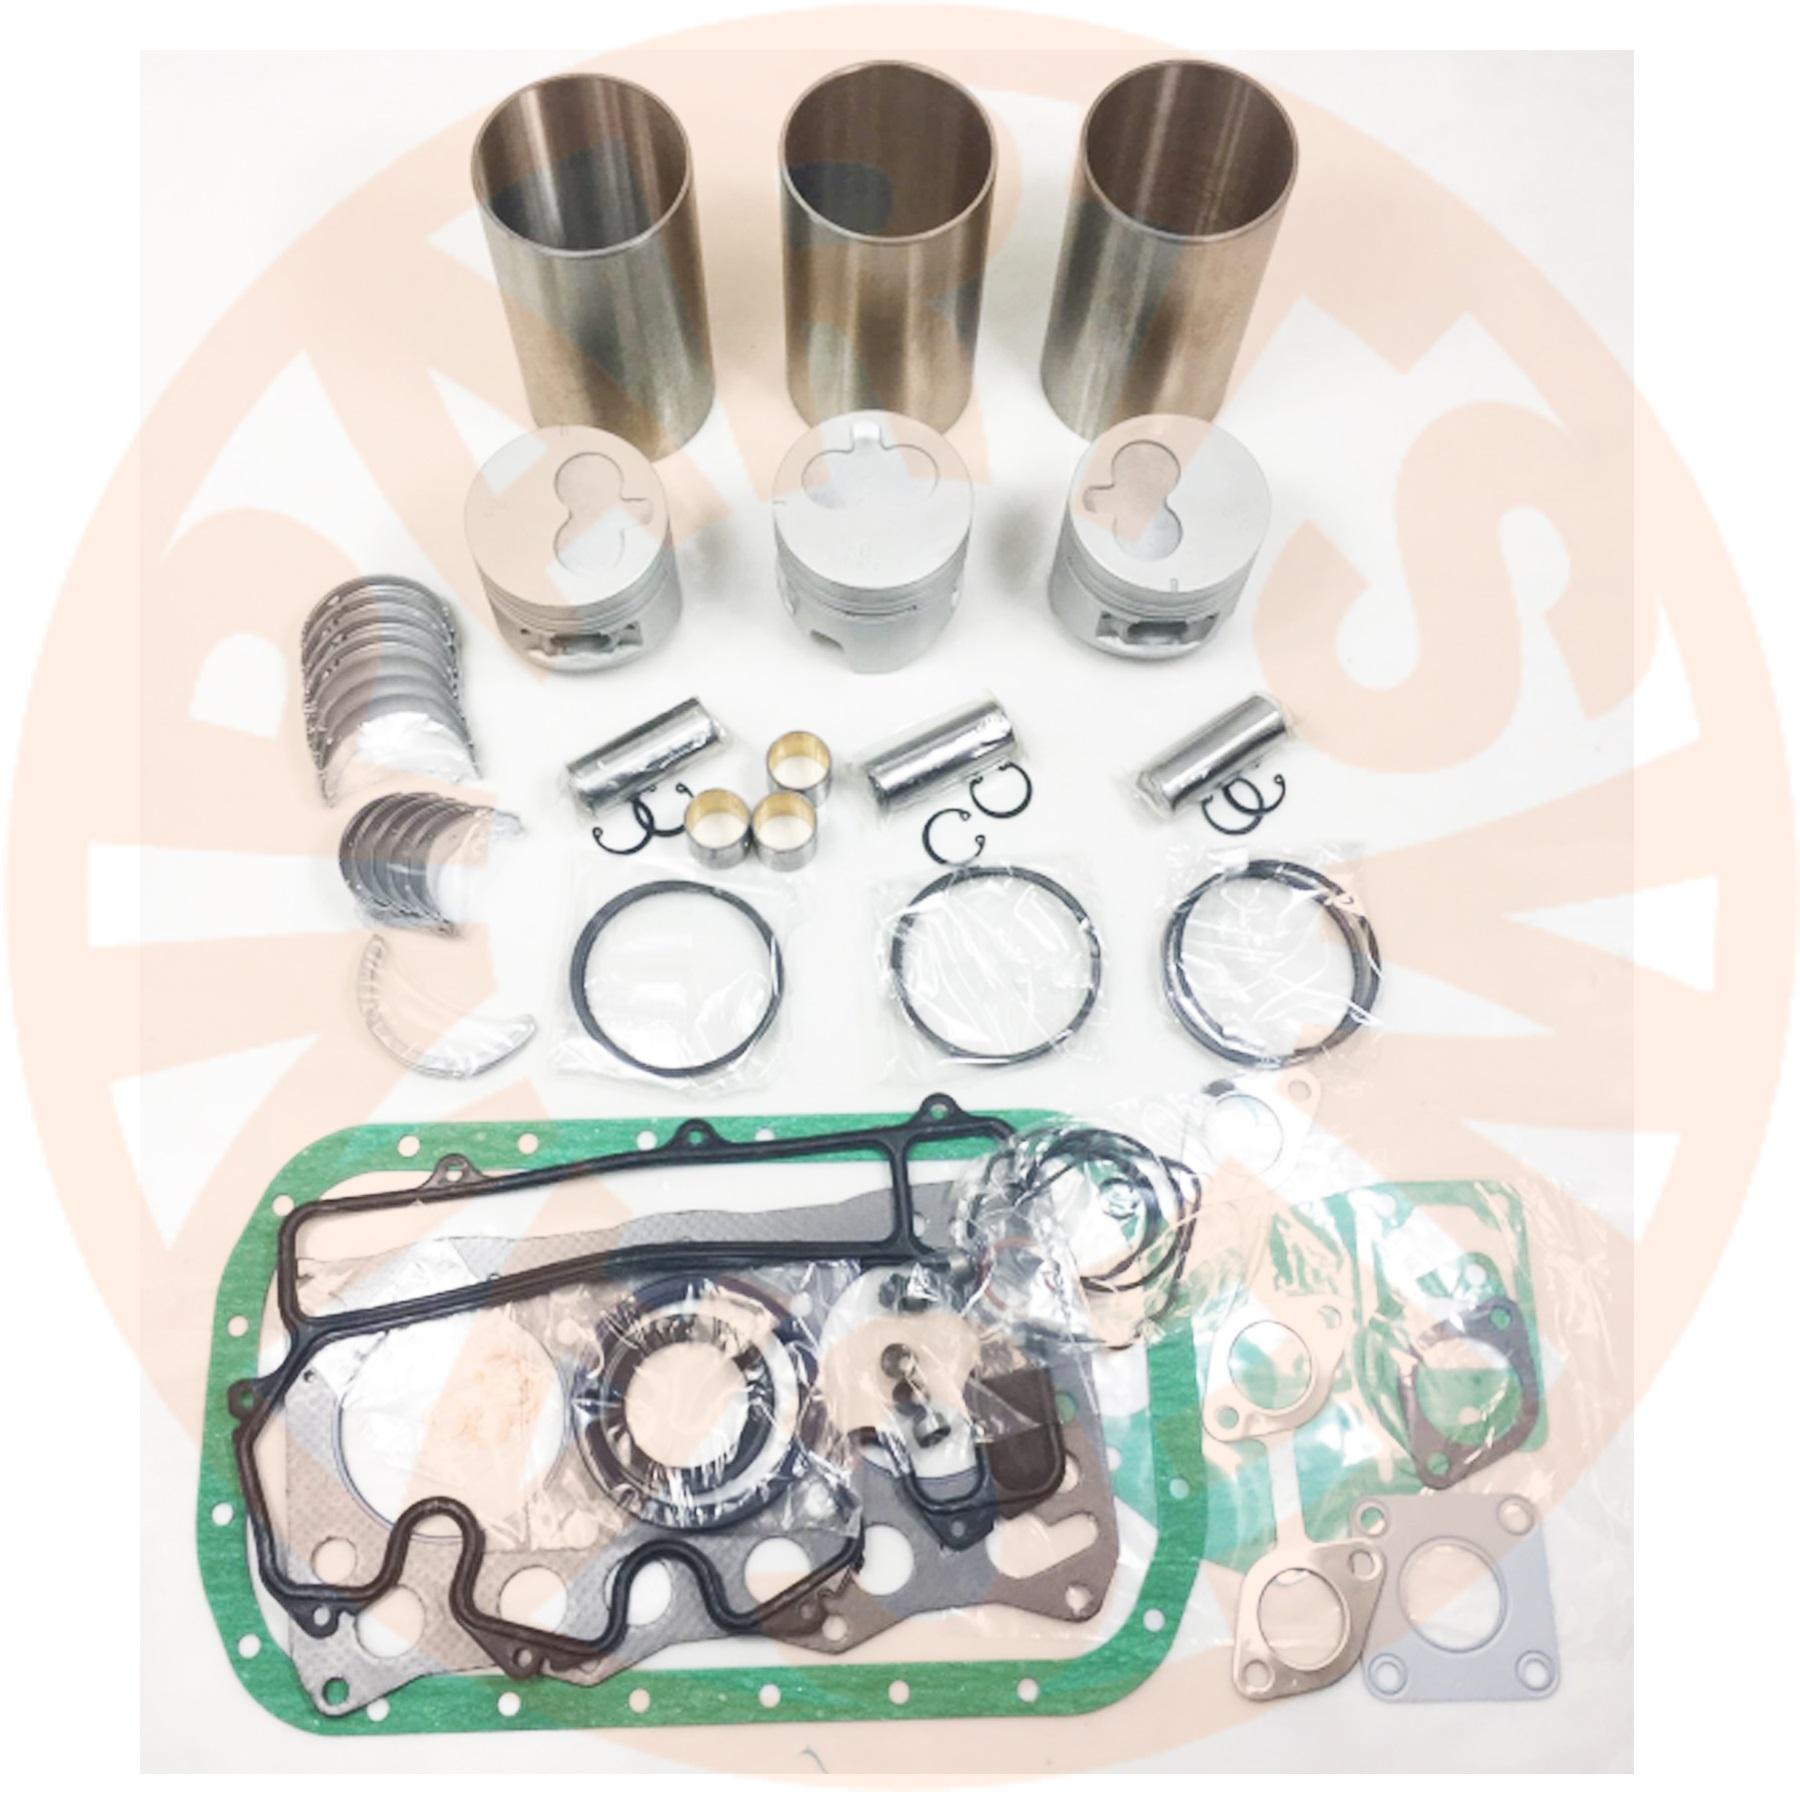 Isuzu Diesel Engine Parts 3lb1 Diagram Partswecan Rebuilt Kit Fits Hitachi Daewoo Ihi Furukawa Denyo Aftermarket 1800x1800